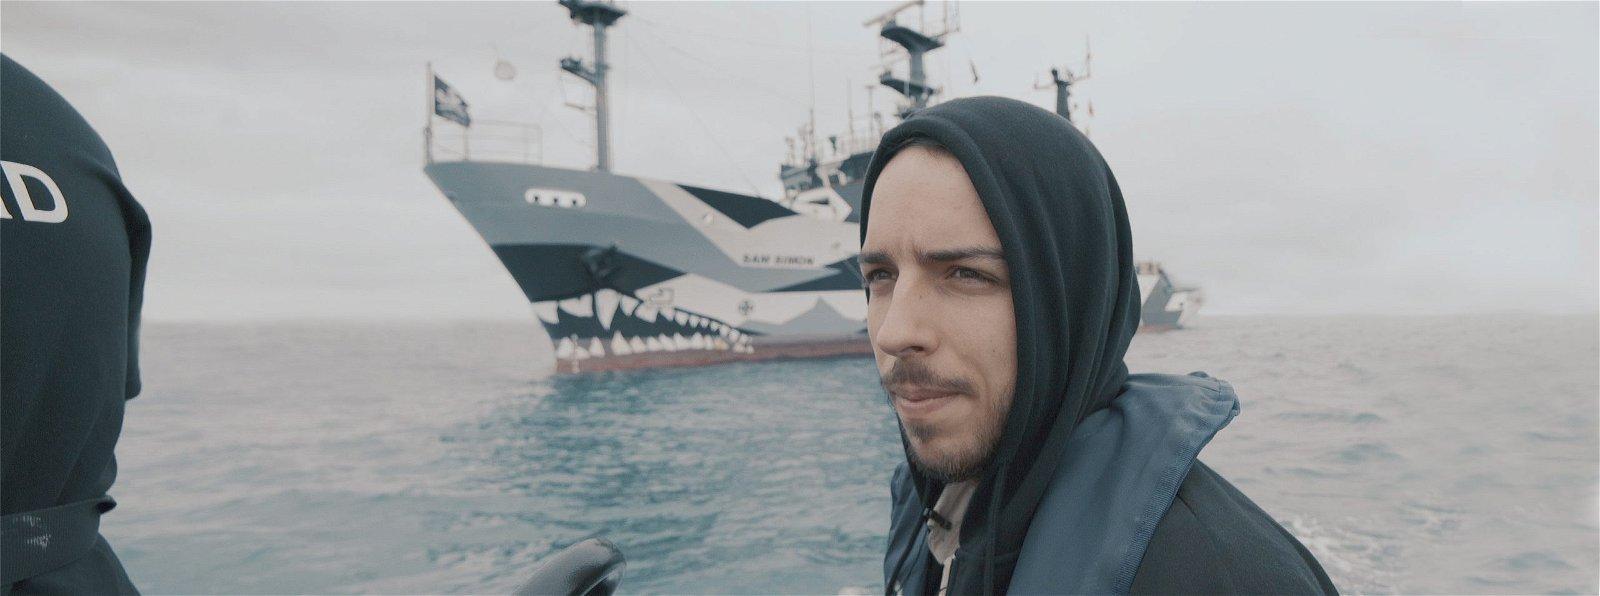 Ali Tabrizi on a boat